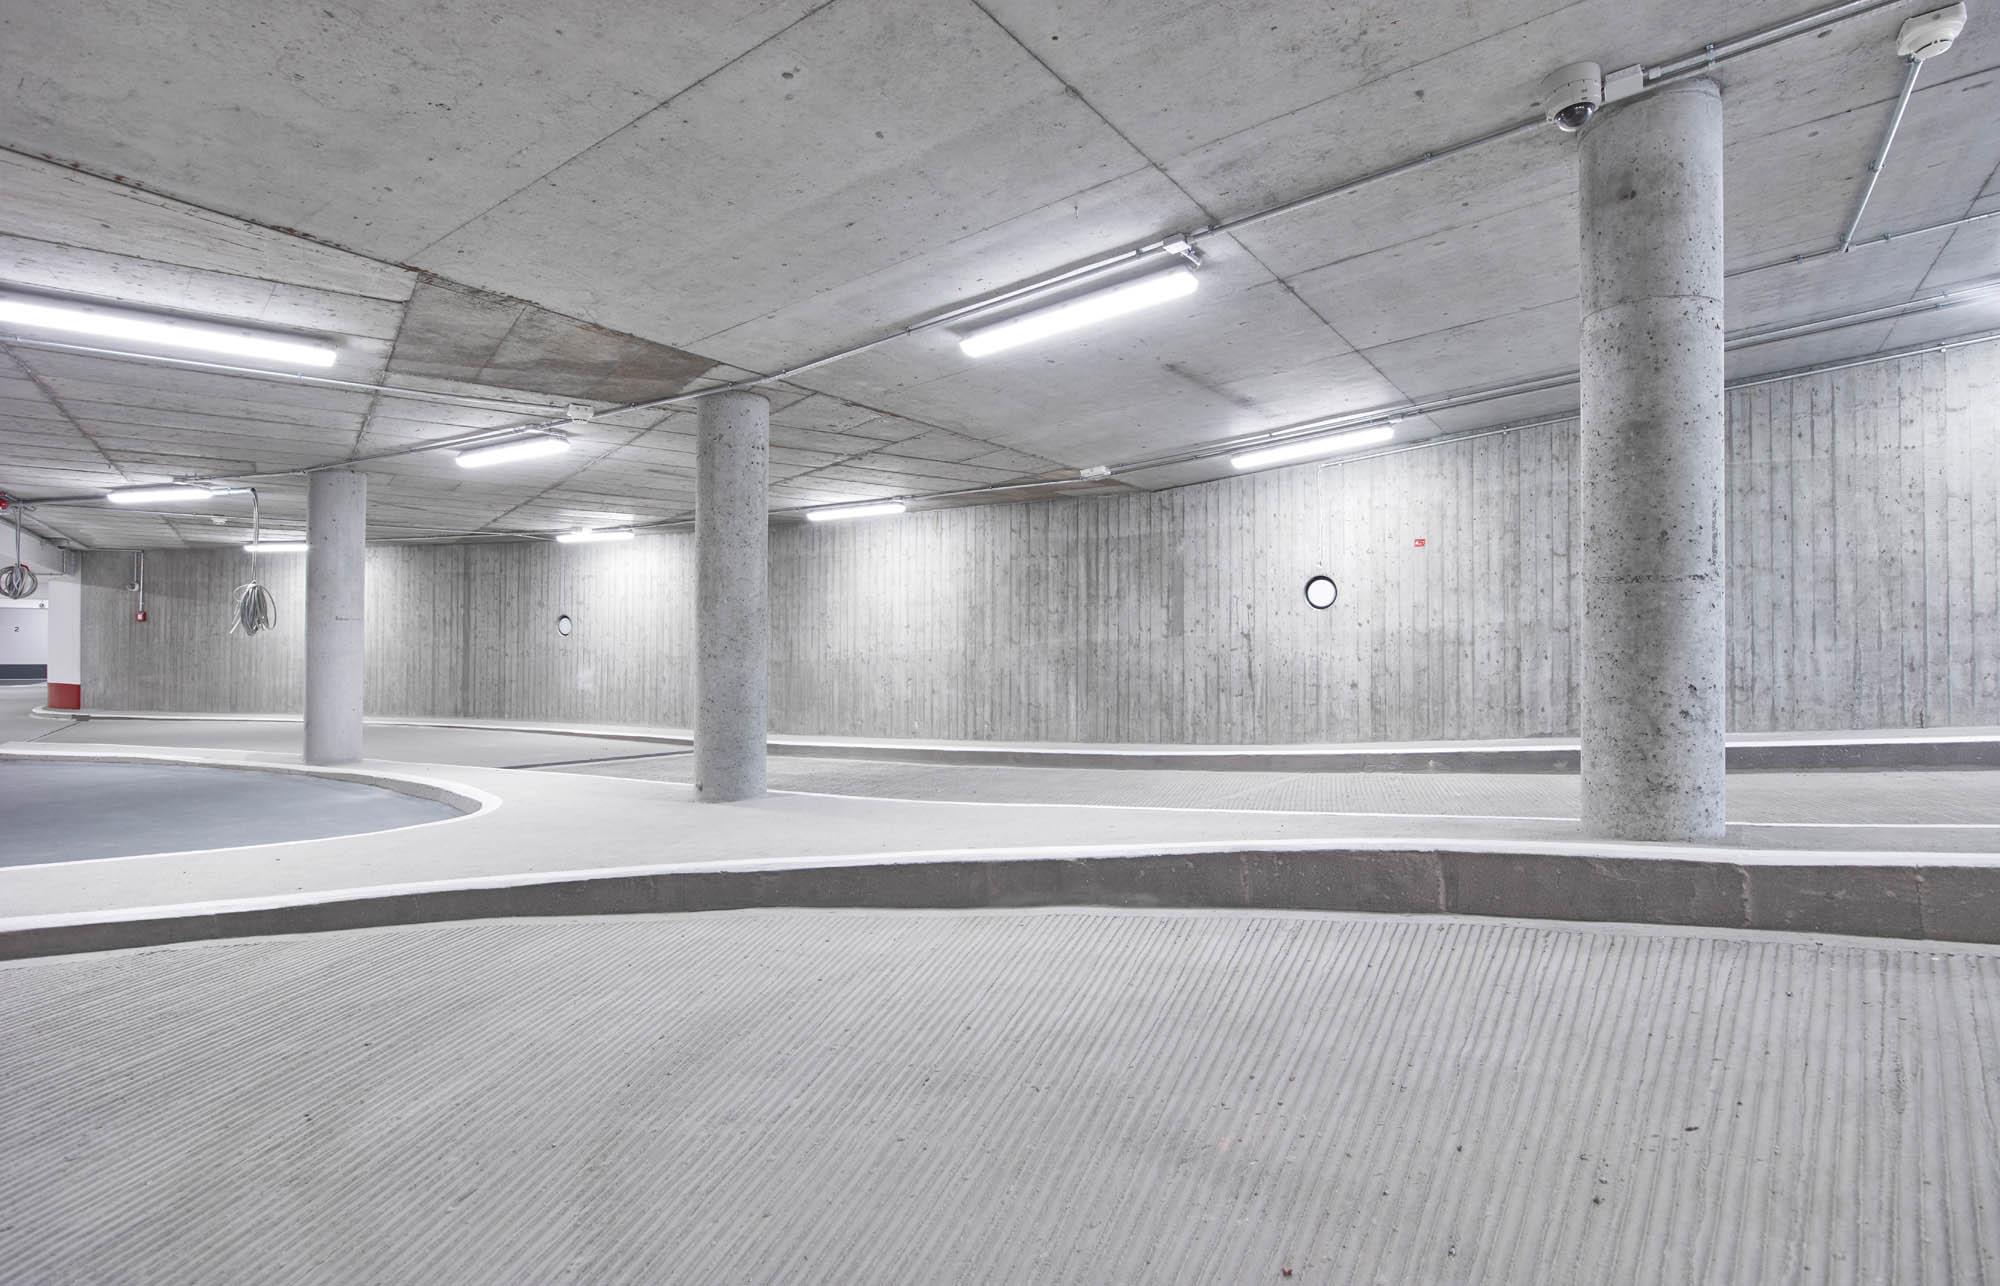 OPC 161229 0135 - Tiefgaragen Waiblingen und Heilbronn: Dokumentation erfolgreicher Sanierungen